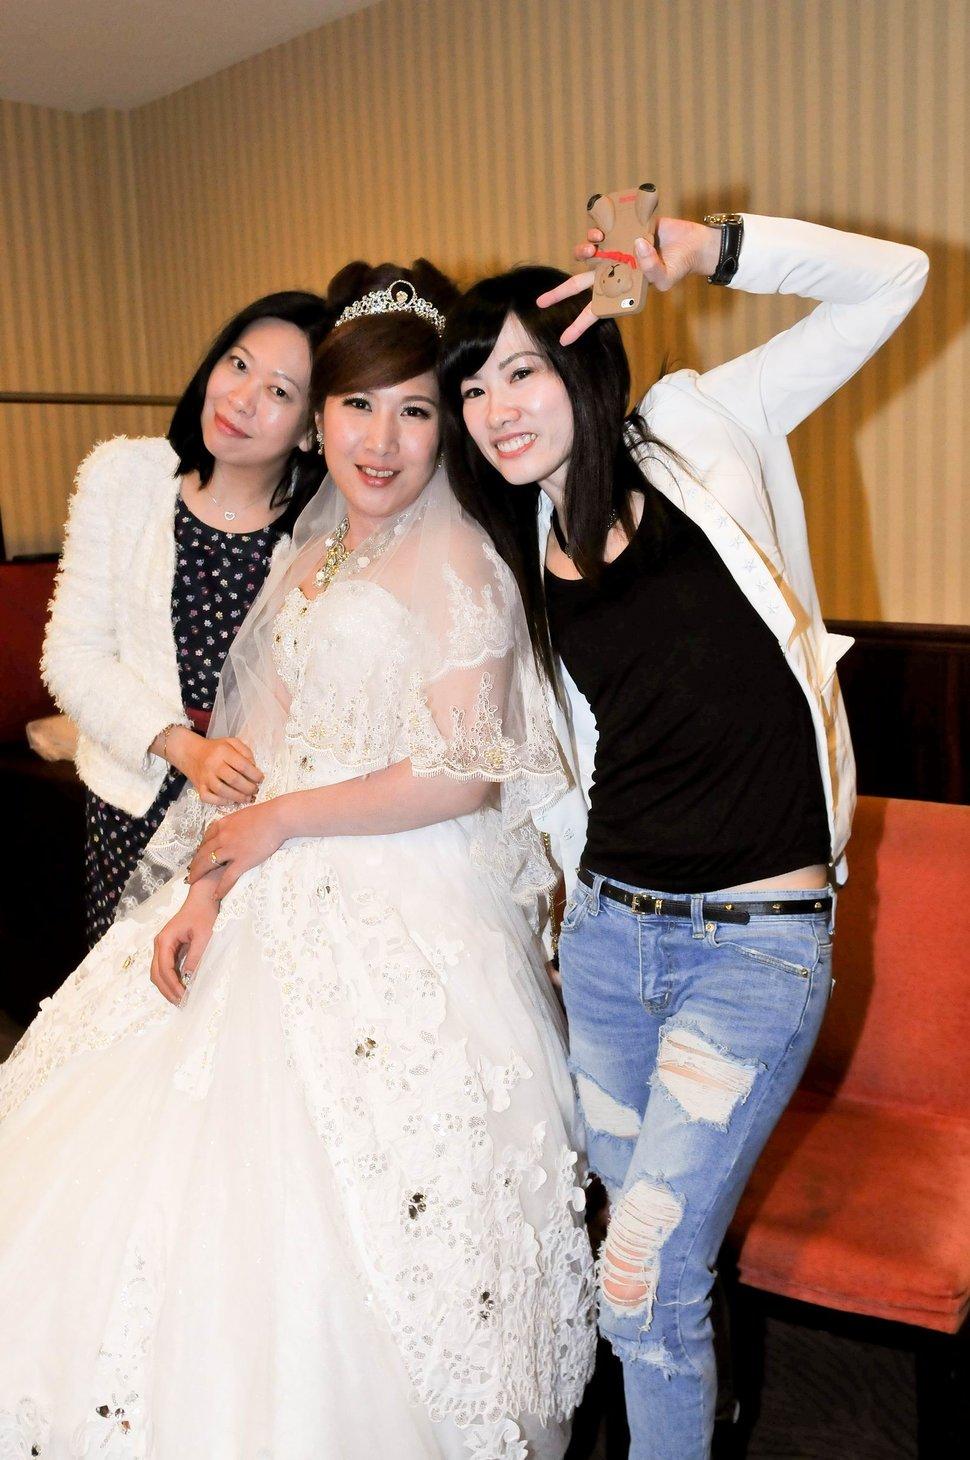 專業婚攝婚禮紀錄婚禮紀錄專業錄影婚禮錄影婚禮記錄動態微電影錄影專業錄影平面攝影婚攝婚禮主持人(編號:280532) - 蜜月拍照10800錄影12800攝影團隊 - 結婚吧